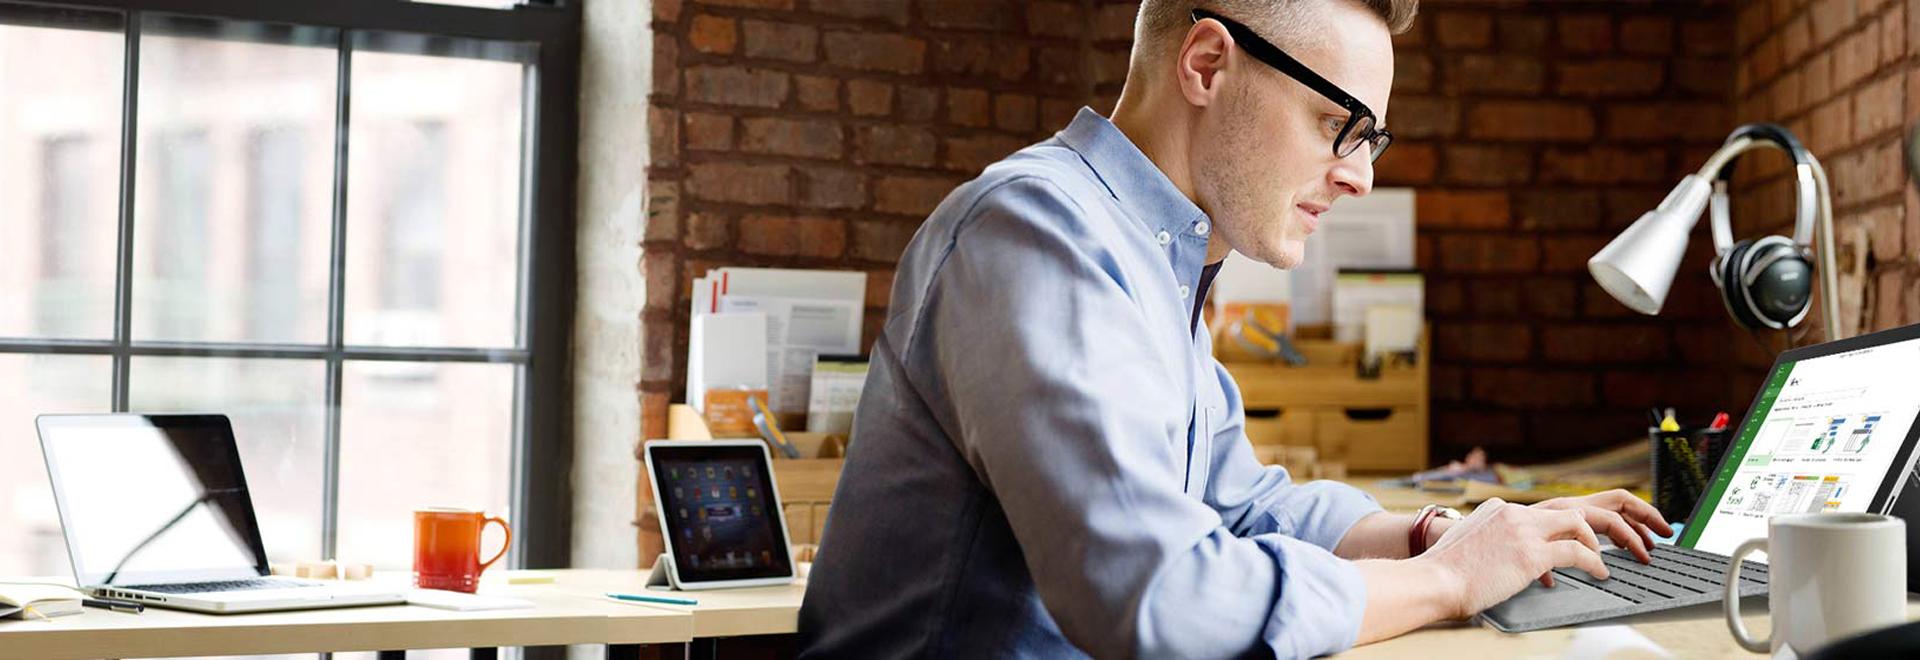 Mies istuu työpöydän äärellä ja käyttää Surface-tabletilla Microsoft Project -sovellusta.